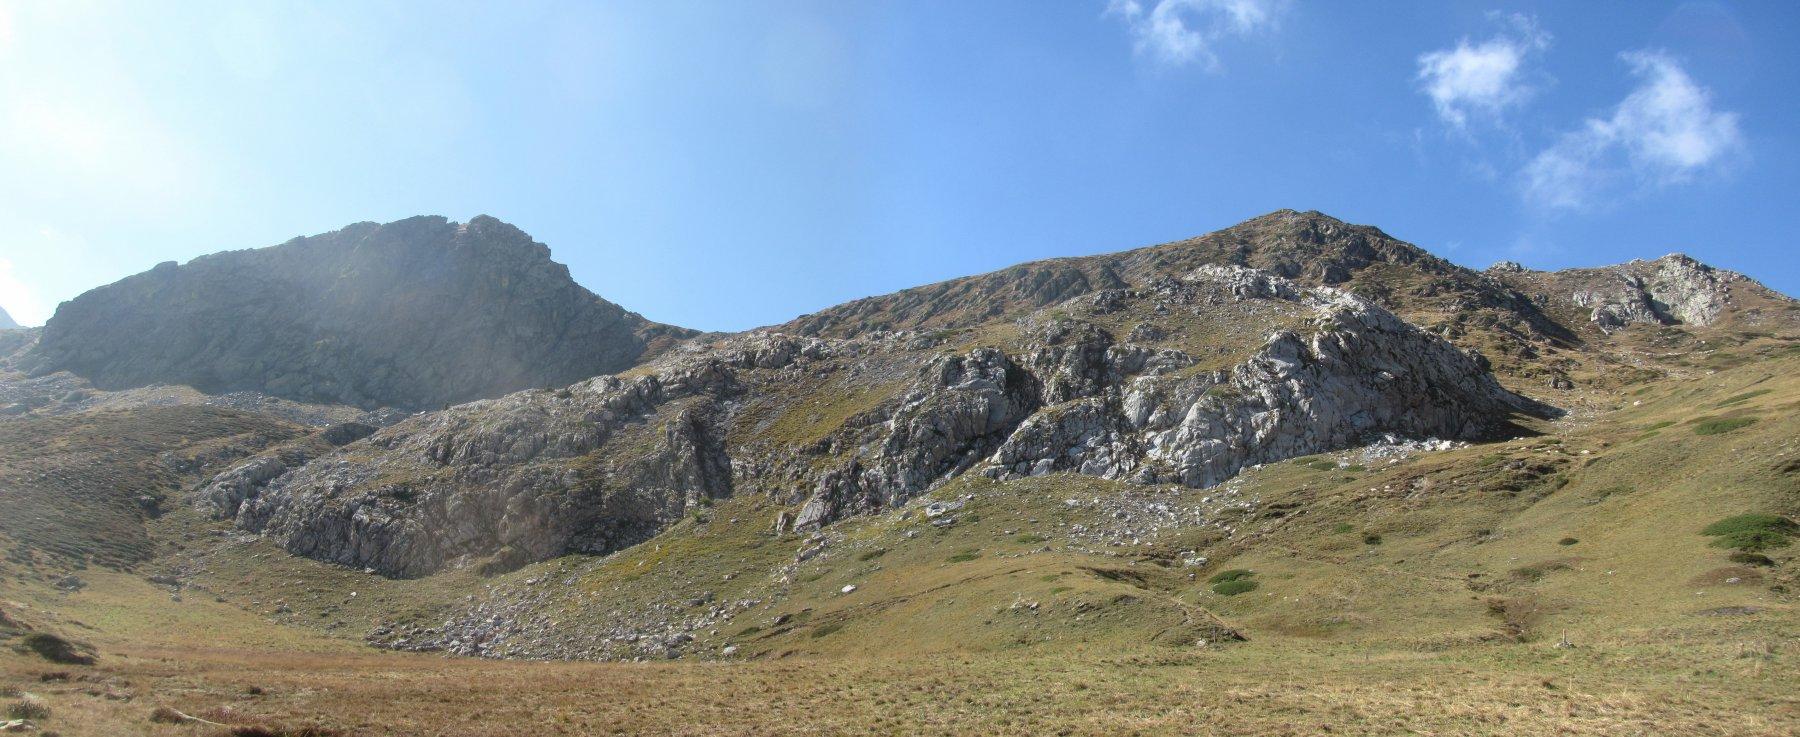 La cresta dei Rastelli: a ds. Porta Sestrera, a sin. la massima elevazione